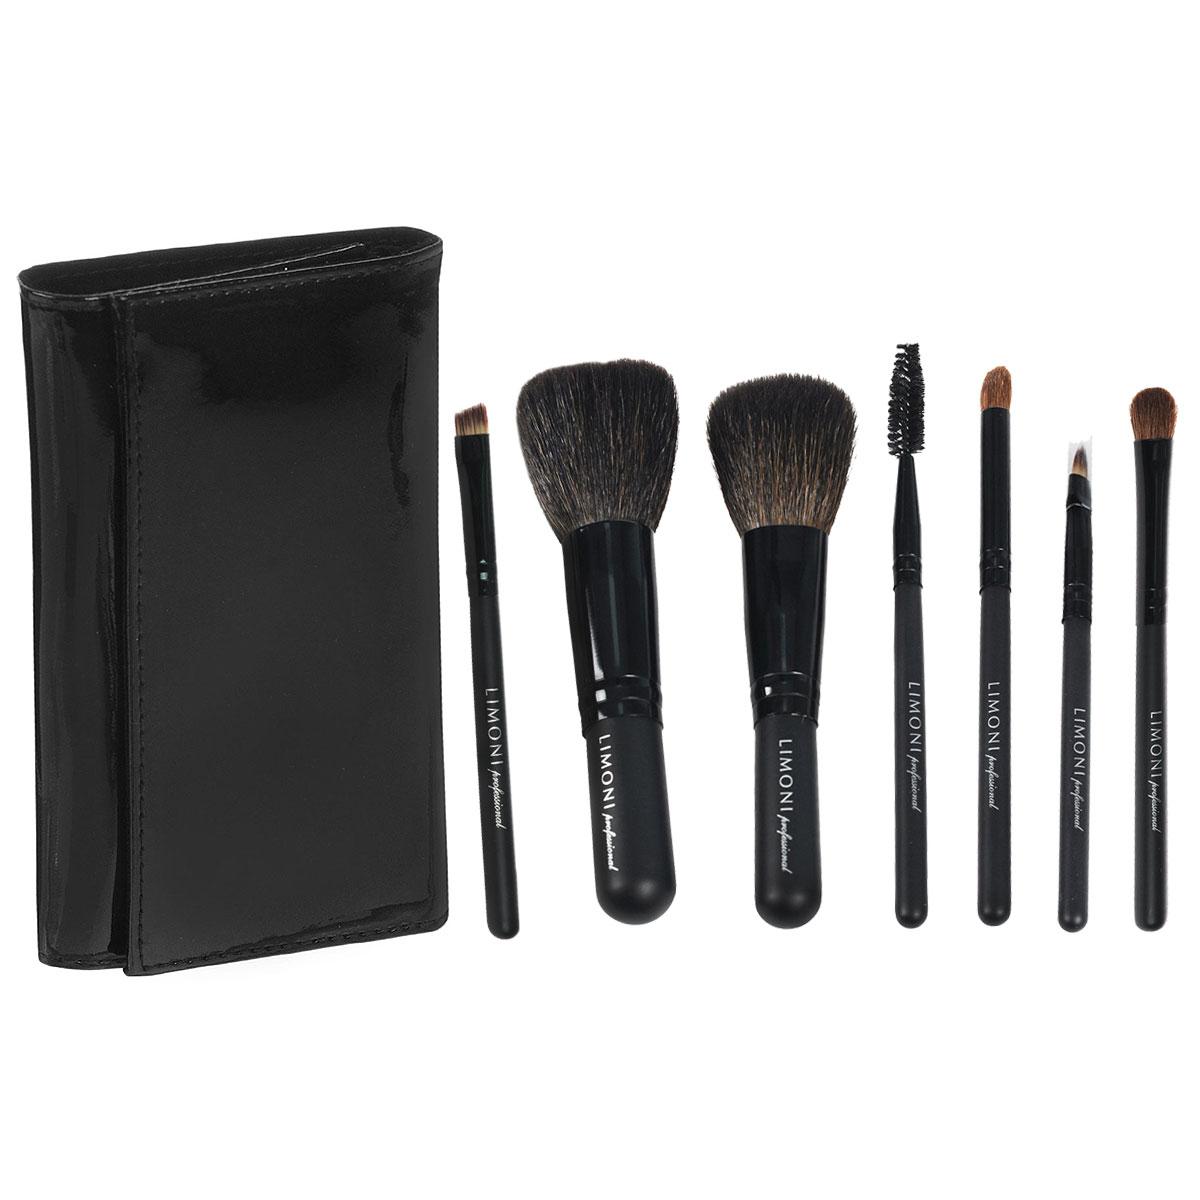 Набор кистей Limoni Travel Kit, дорожный, 7 предметов набор кистей для макияжа дешево в интернет магазине